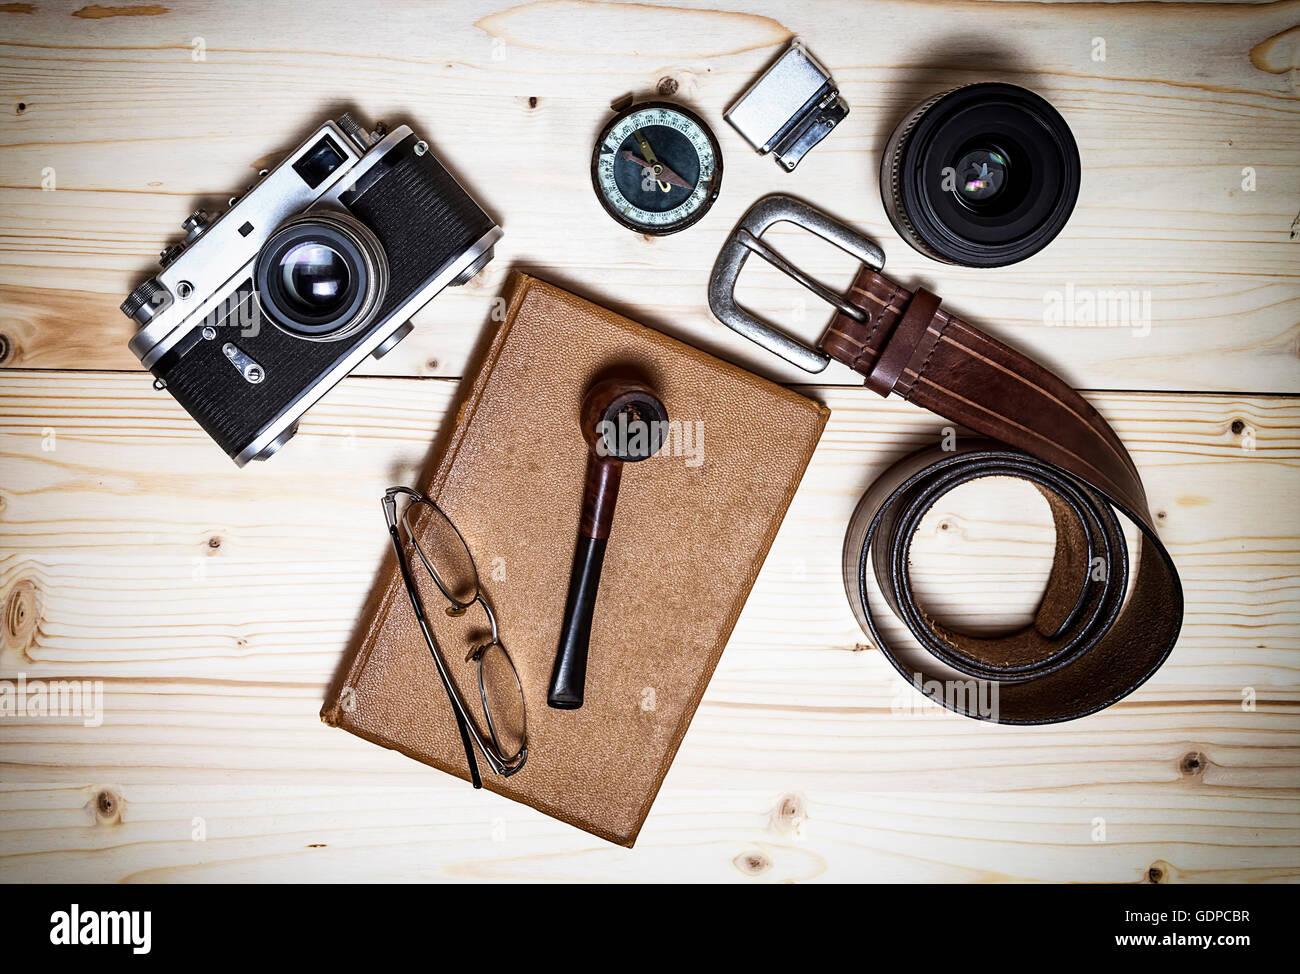 Stillleben mit Retro-Objekt. Buchen Sie mit alten Kompaktkamera, Kompass, Feuerzeug, Gürtel, Brille, Rohr, Stockbild